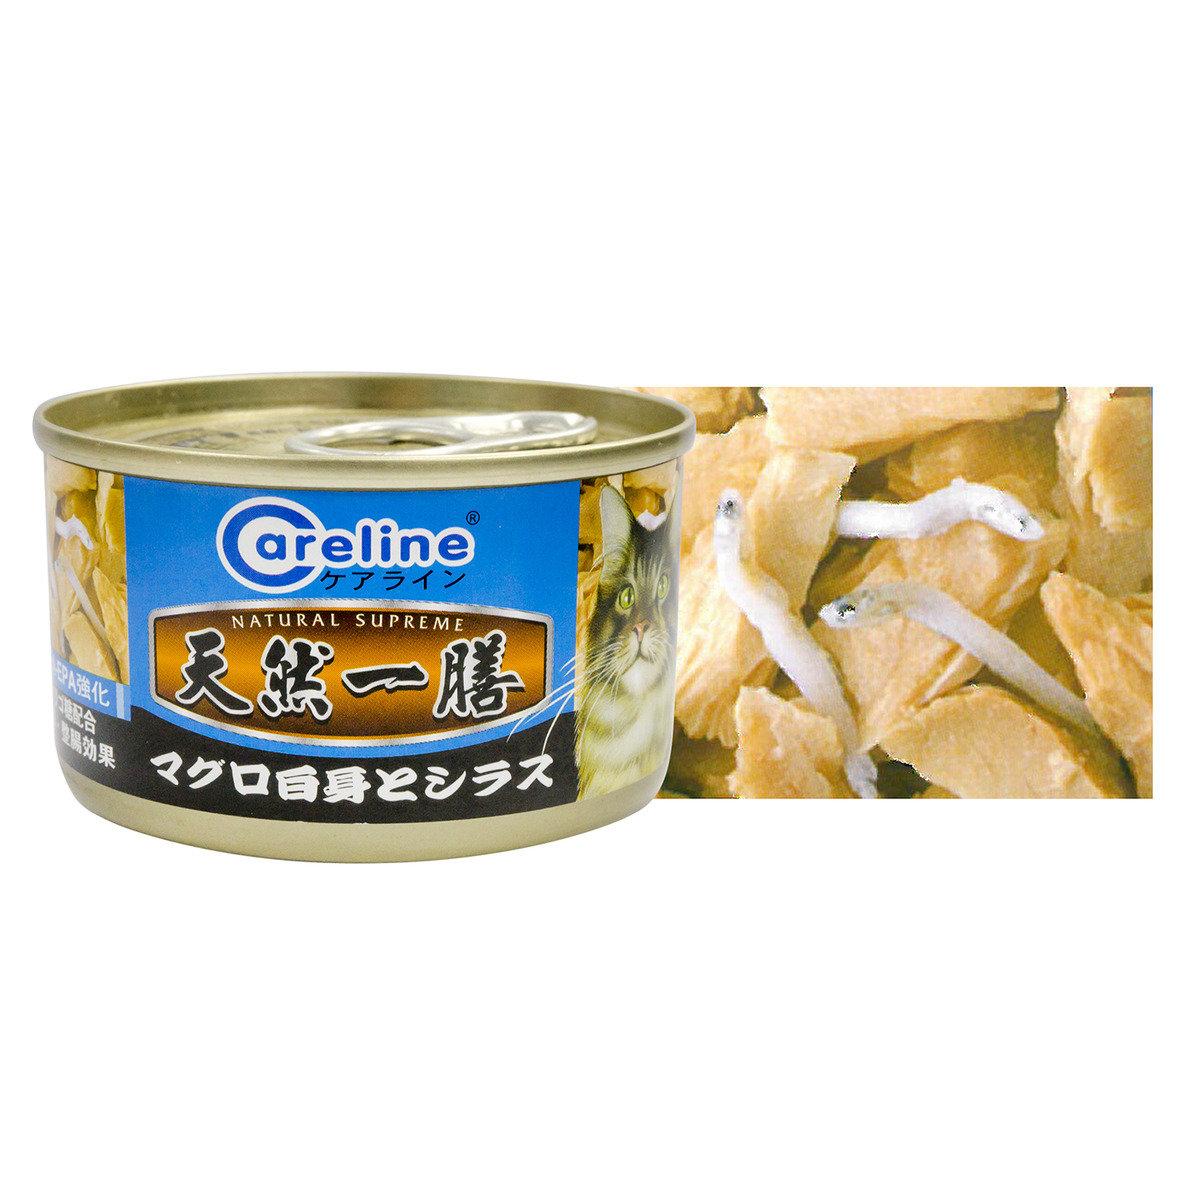 白身吞拿魚加白飯魚 90克